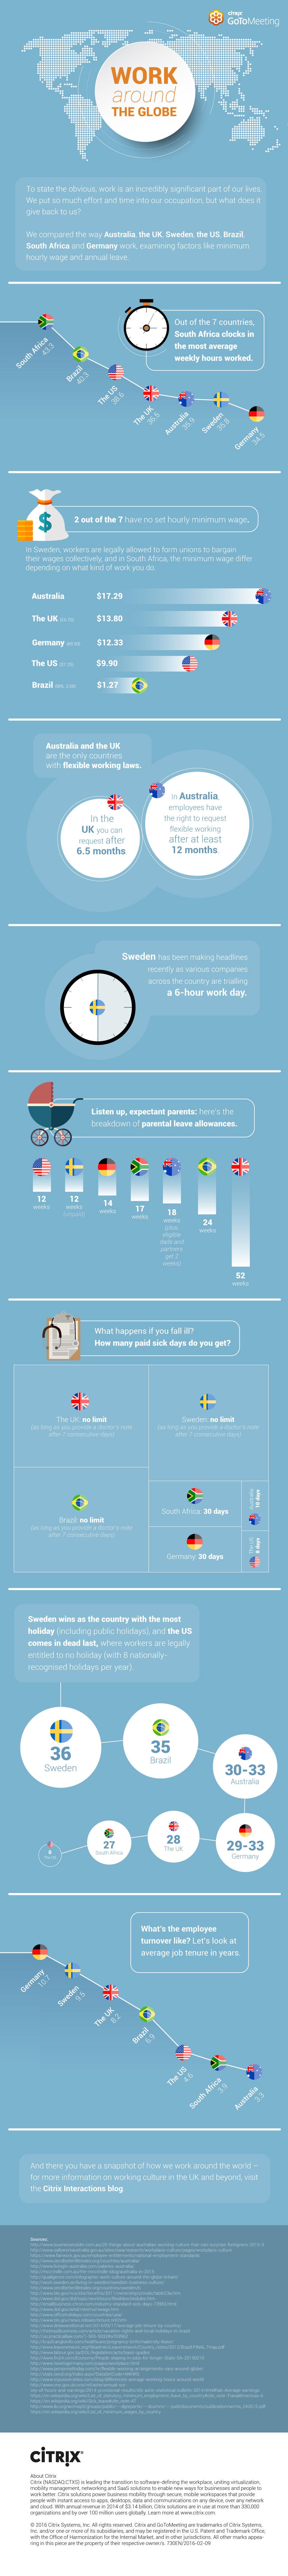 730au_infographic_work-around-the-globe_updated-002